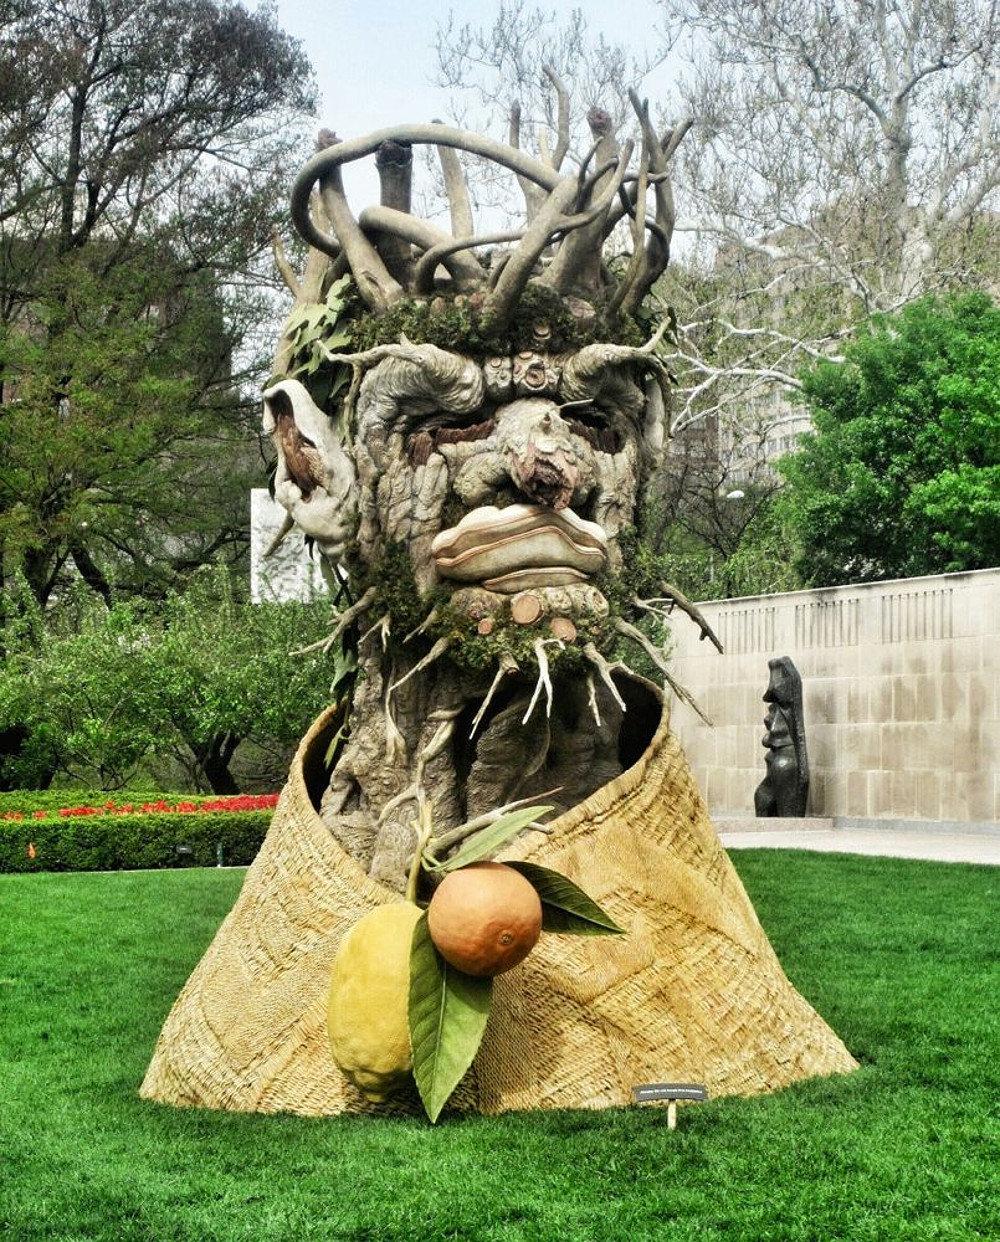 sculture-giganti-quattro-stagioni-giuseppe-arcimboldo-philip-haas-02